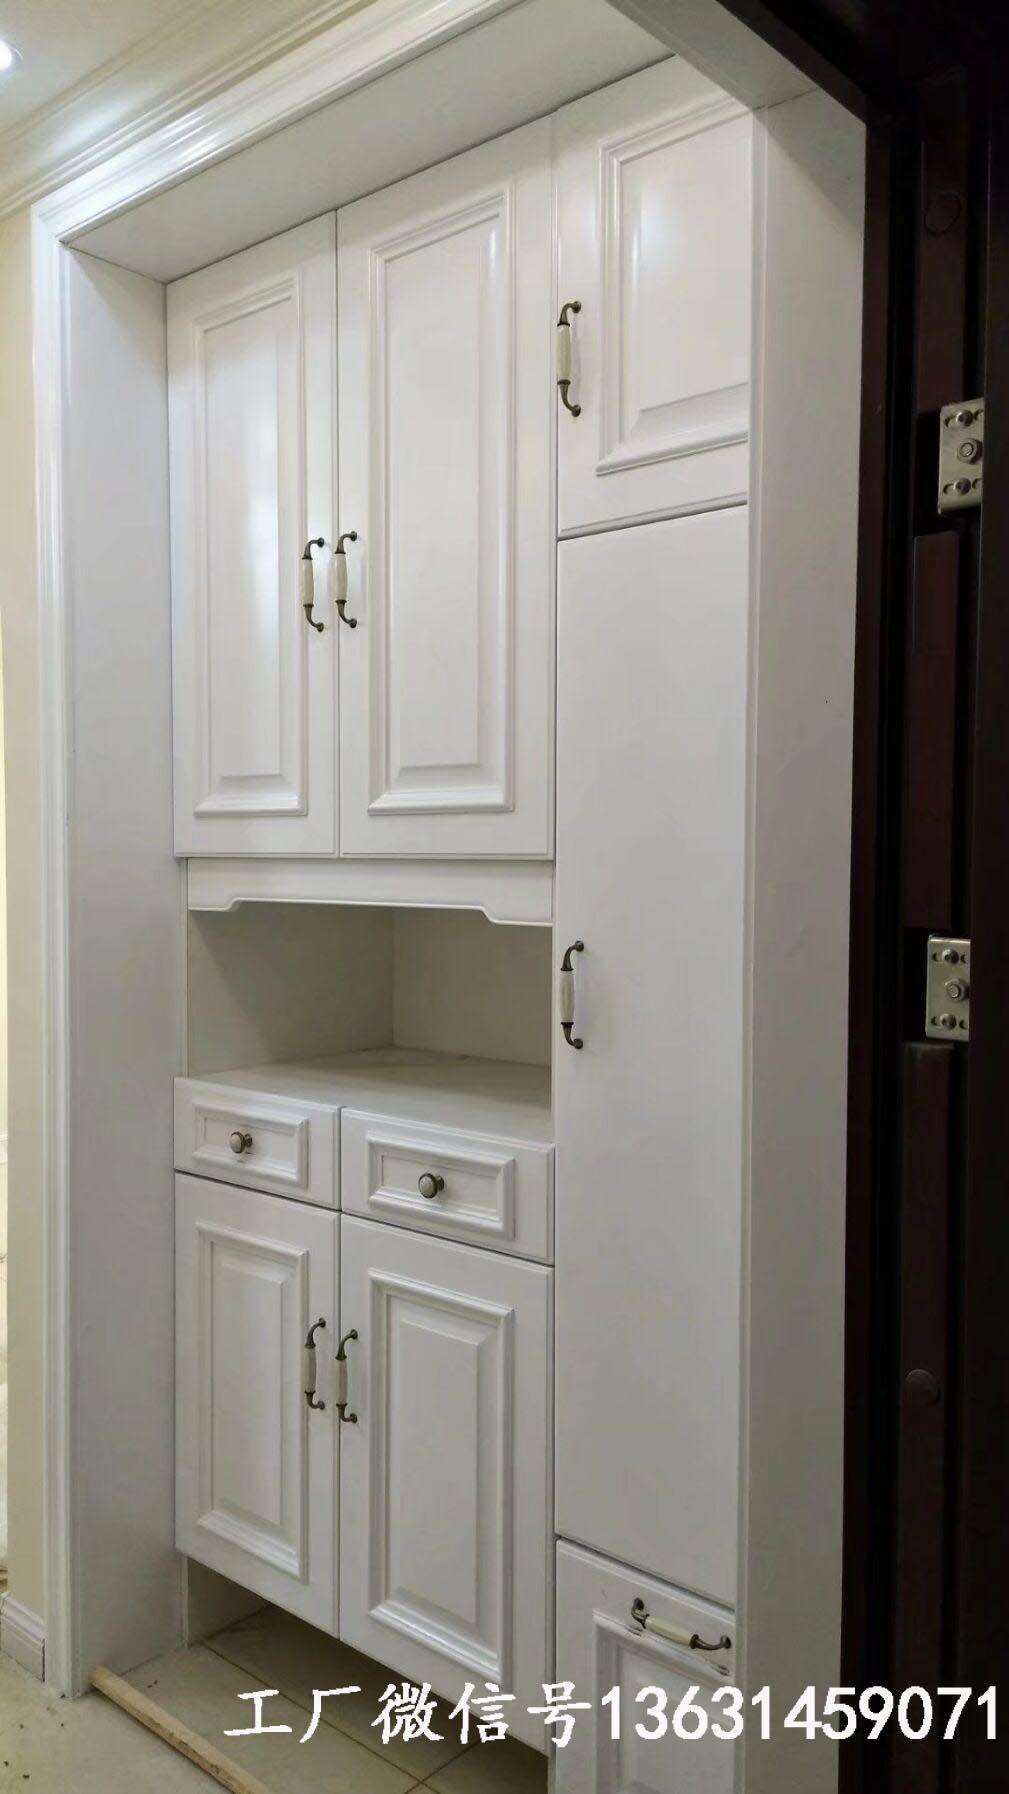 阳泉市哪里定做衣柜便宜,实木衣柜定制工厂|全屋家具一站式定制